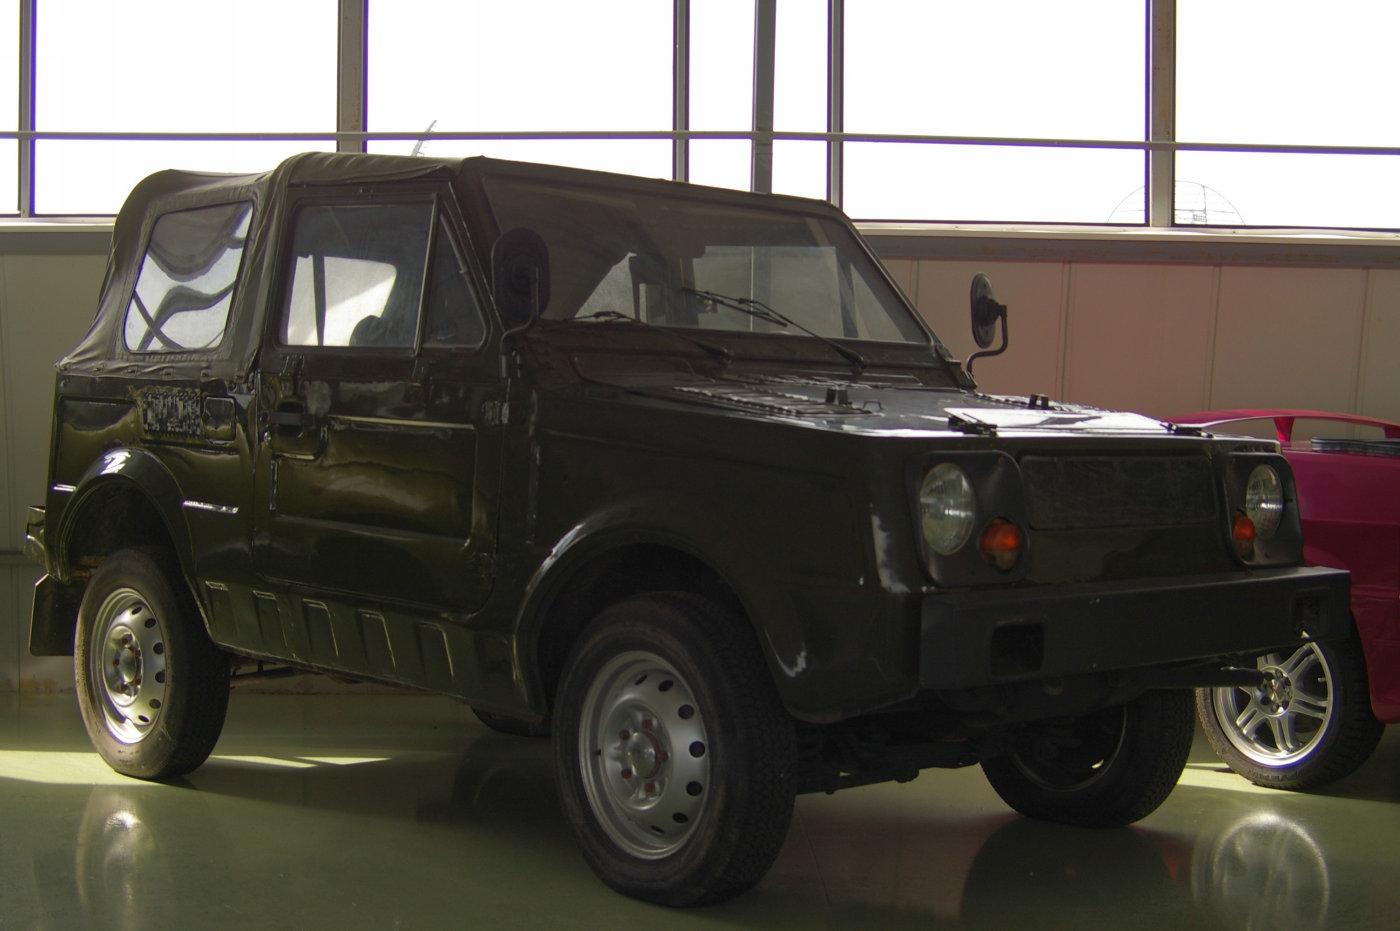 опытно-экспериментальный автомобиль-амфибия ВАЗ-2122. г. Тольятти, технический музей им. К. Г. Сахарова